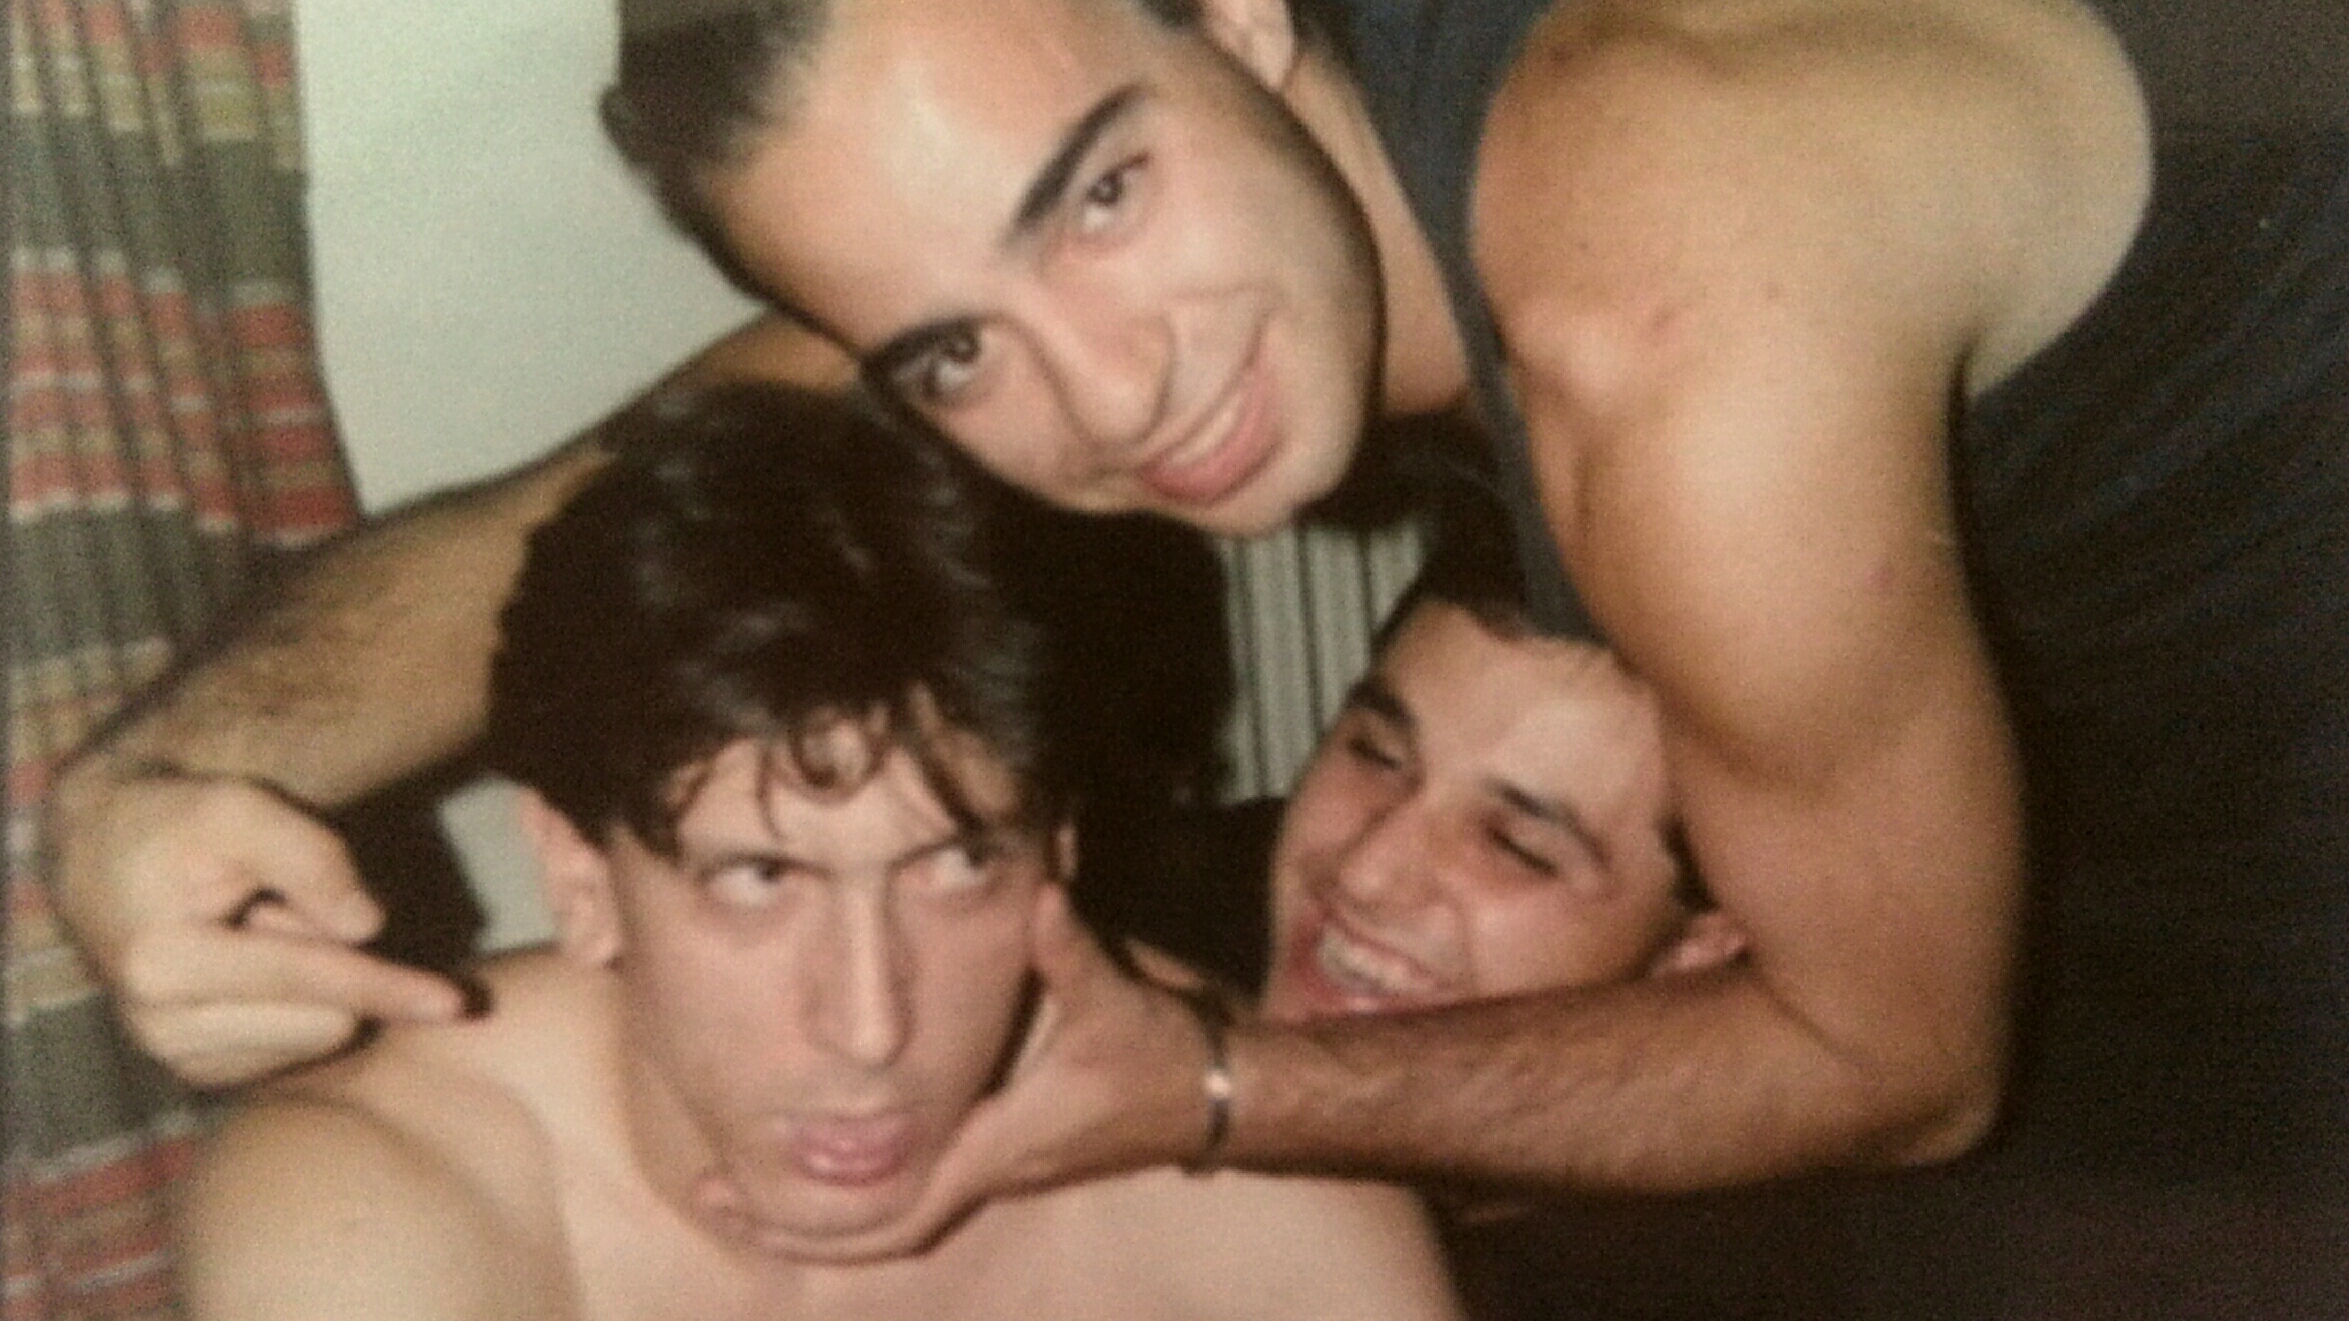 Από το live στην Πρέβεζα, καλοκαίρι 1988, στο δωμάτιο του ξενοδοχείου που μέναμε.